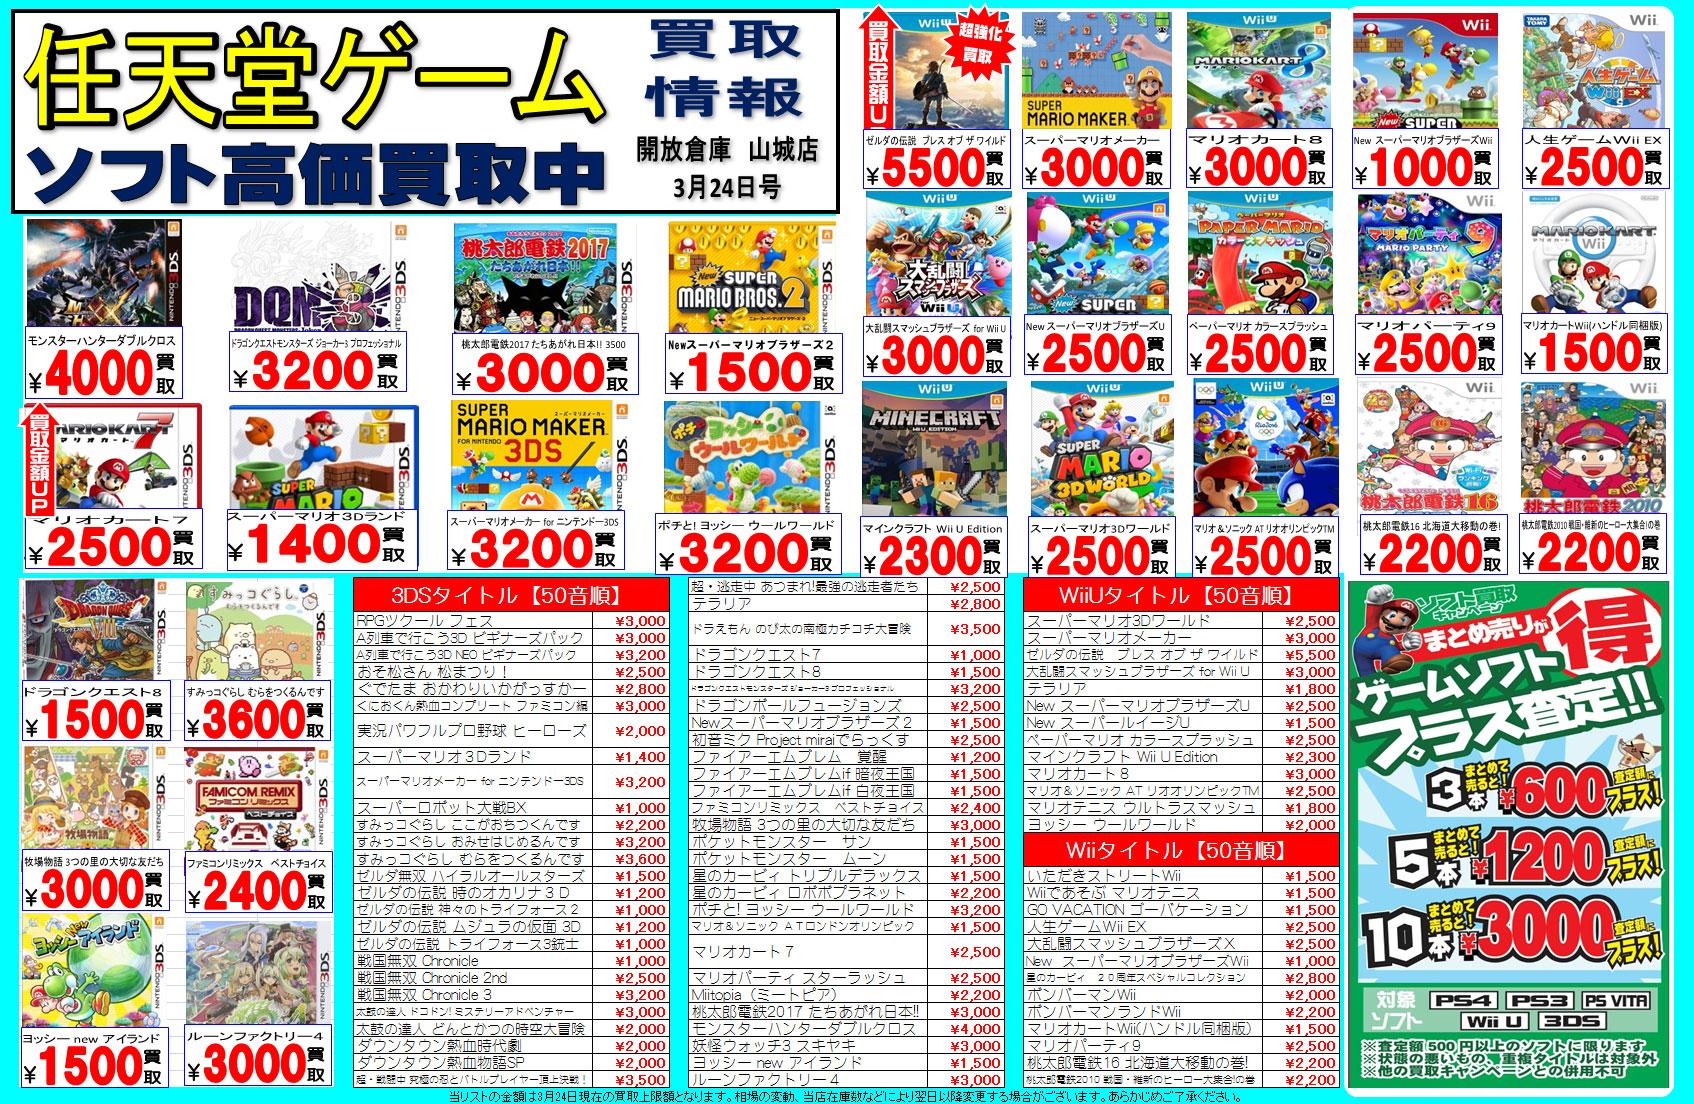 「開放倉庫山城店」2017年3月24日号任天堂ゲームソフトの高価買取情報!!